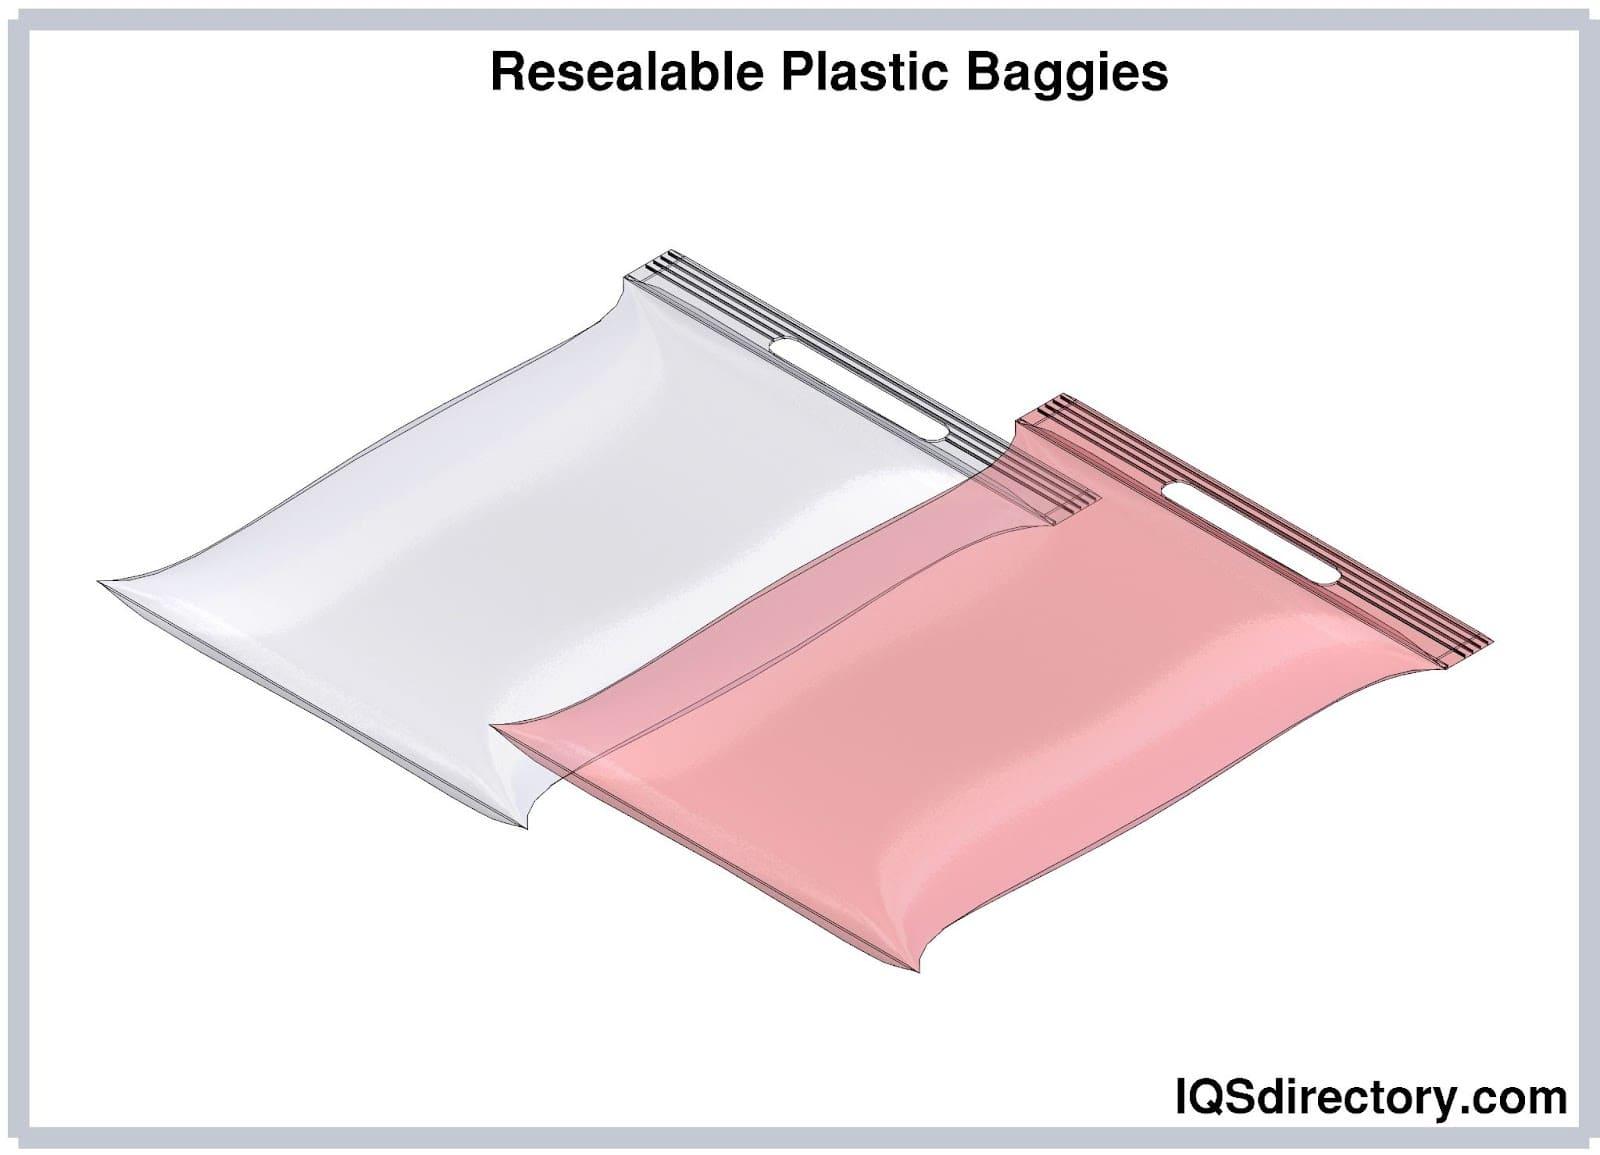 Resealable Plastic Baggies